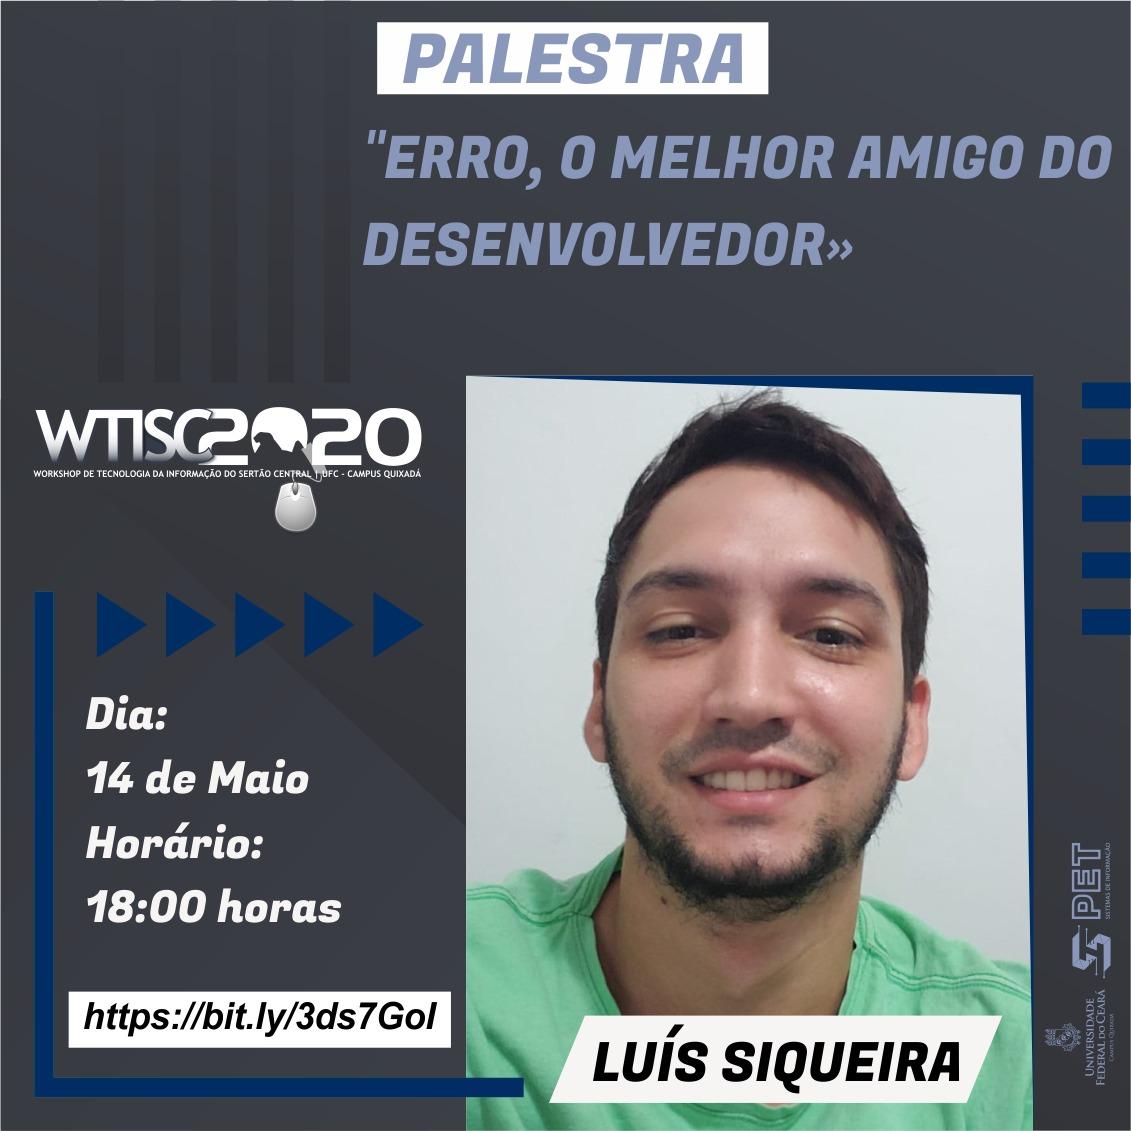 Palestra_Luis